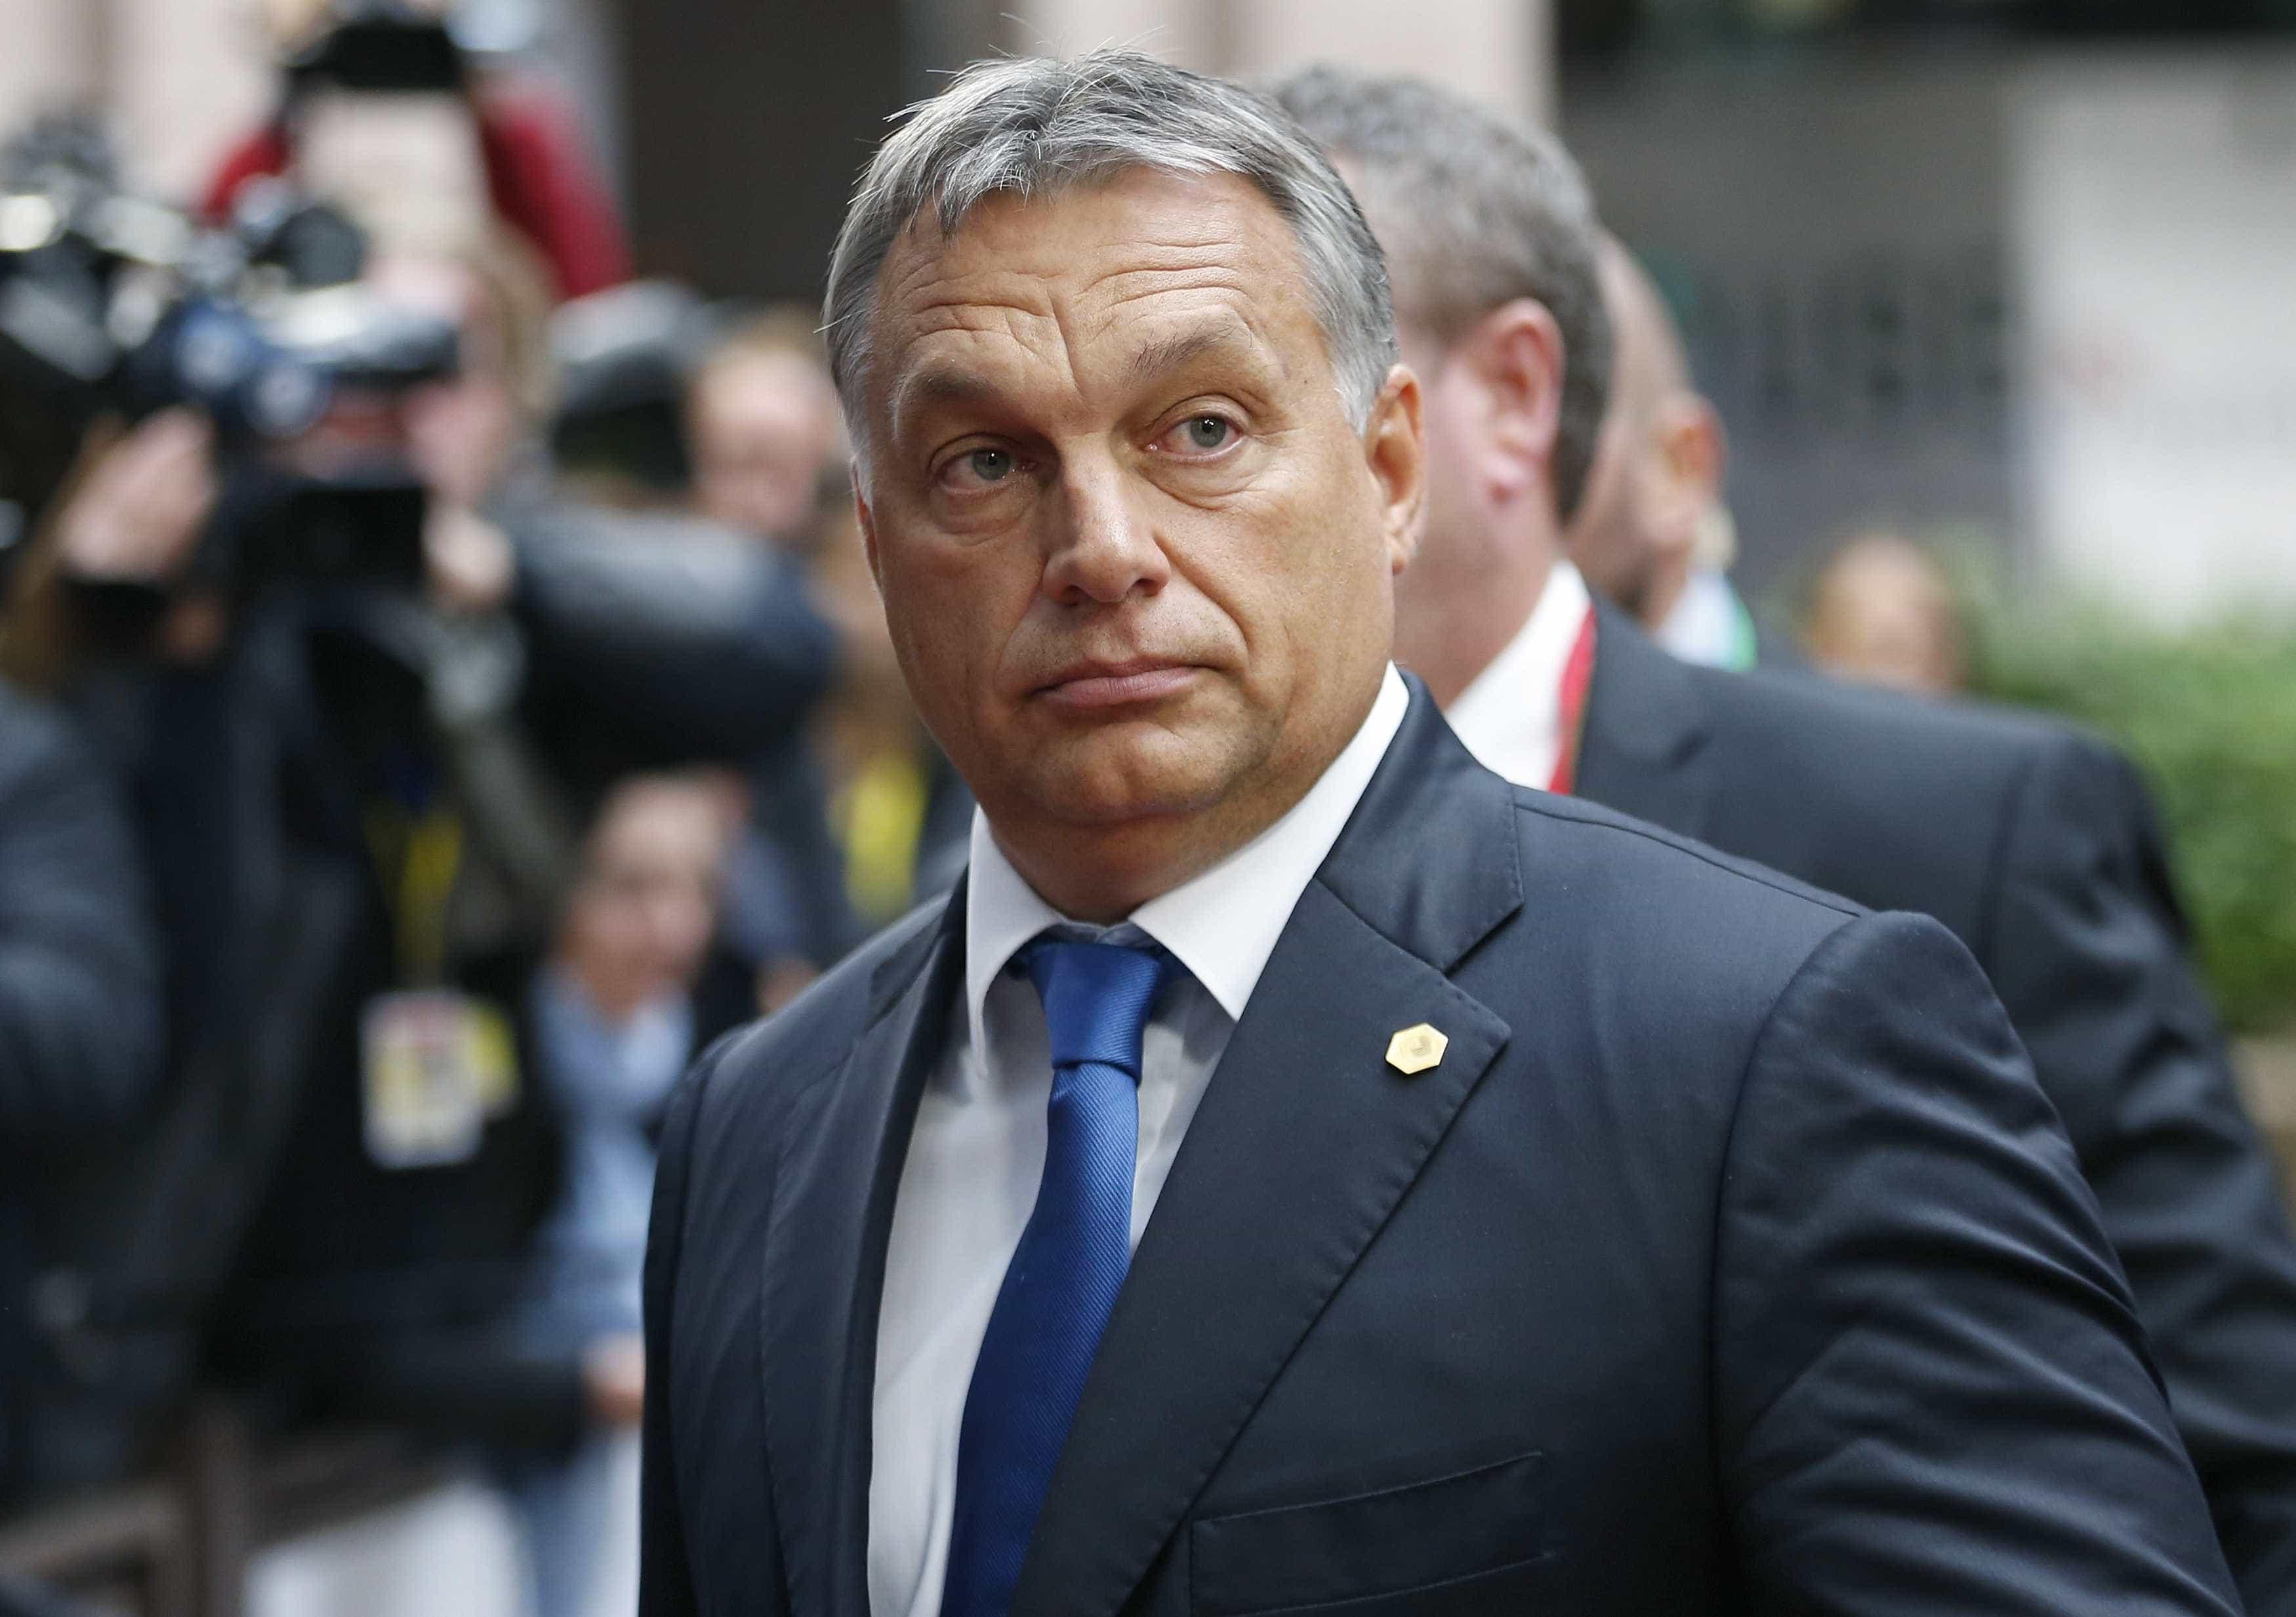 PSD e CDS consideram adequada a suspensão de partido húngaro do PPE